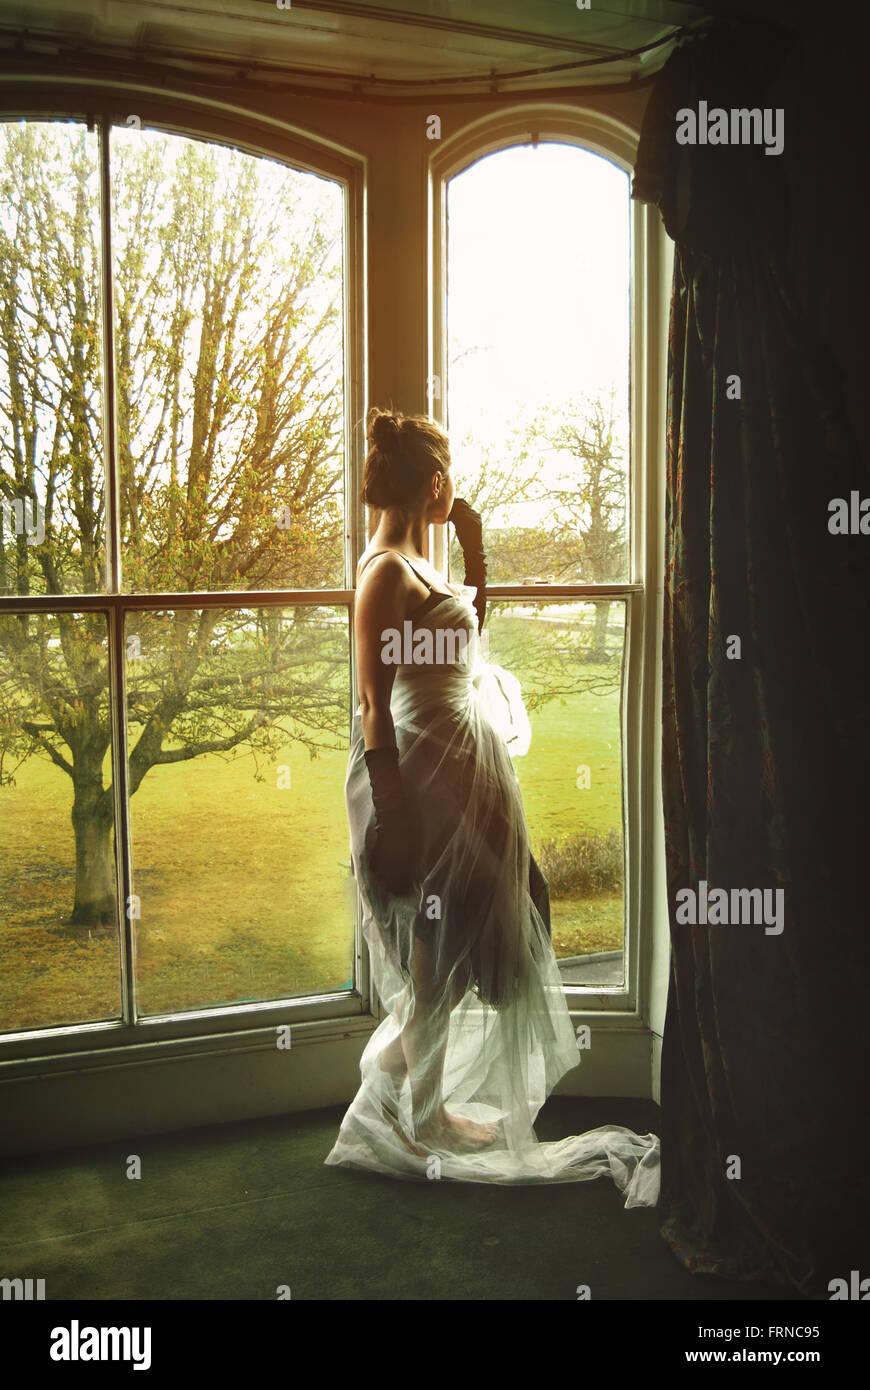 Las hembras jóvenes de pie junto a la ventana Imagen De Stock